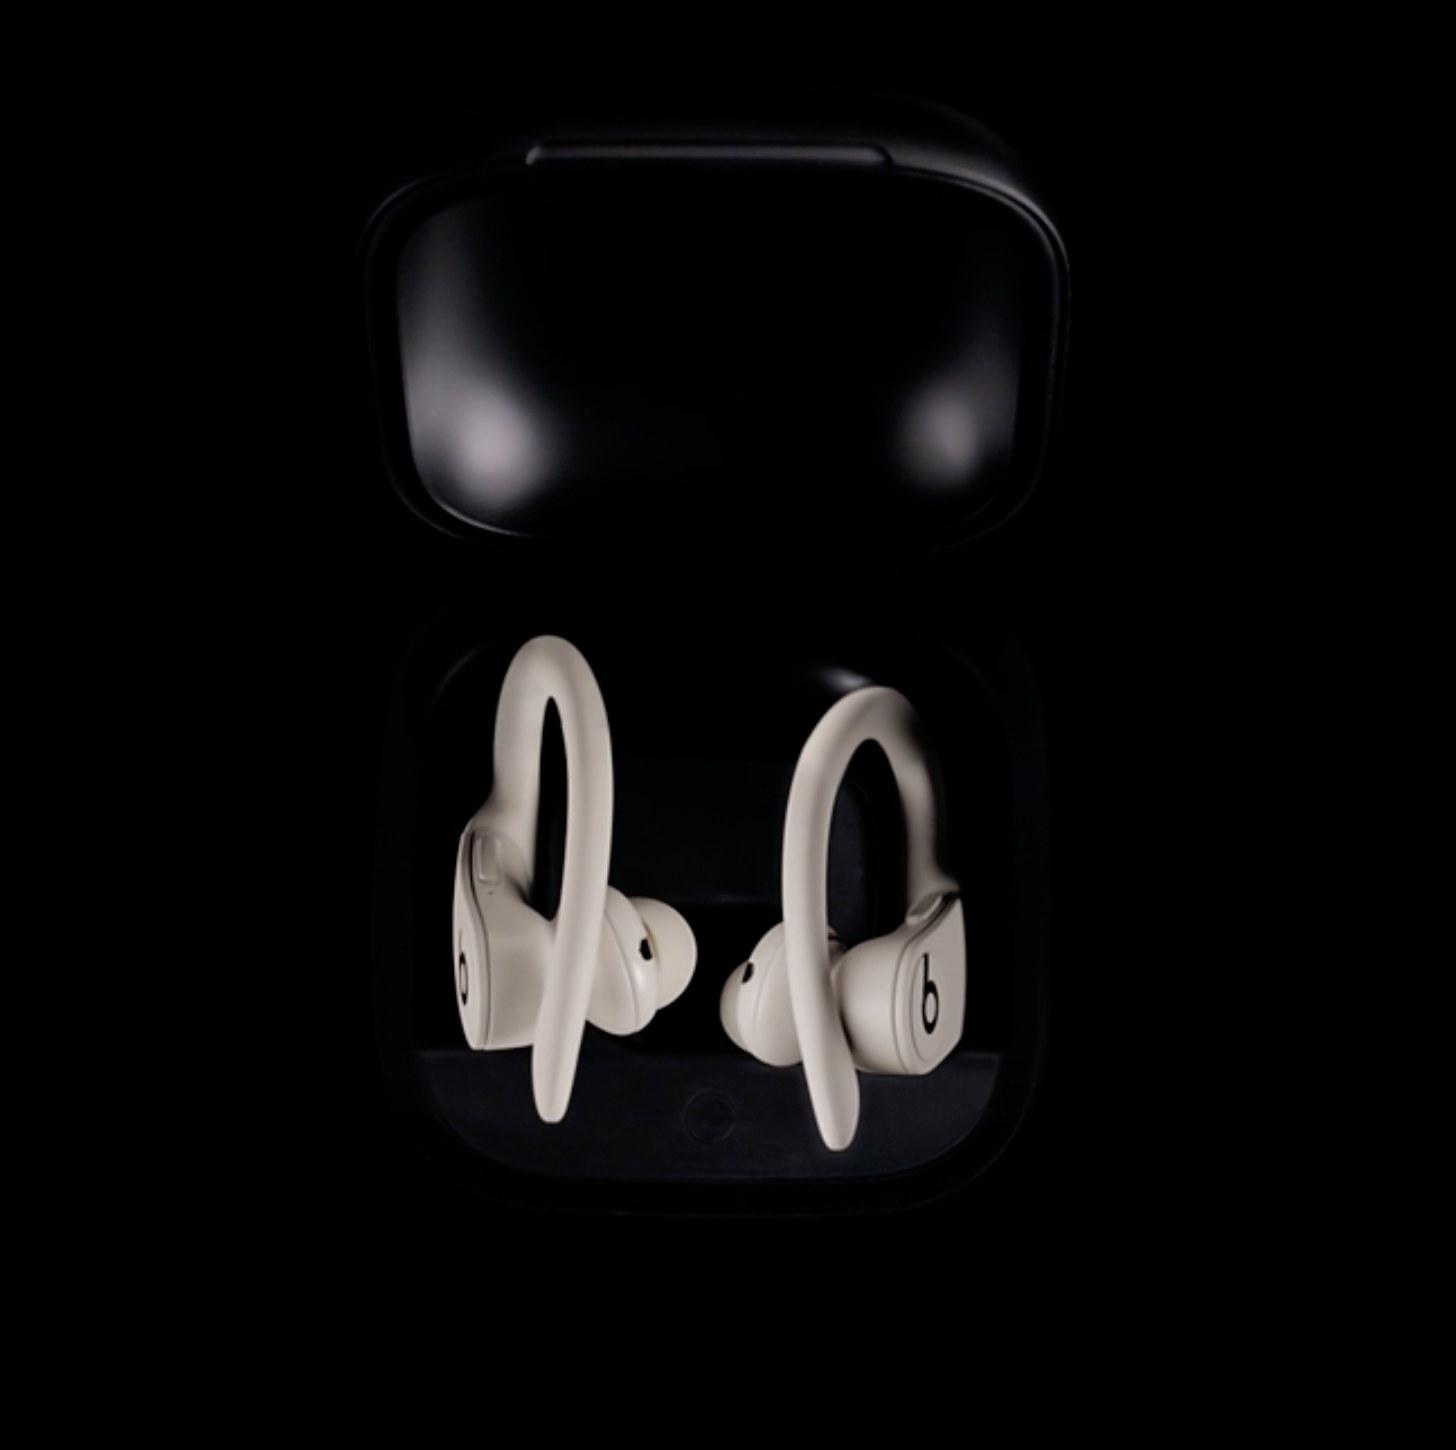 The earphones